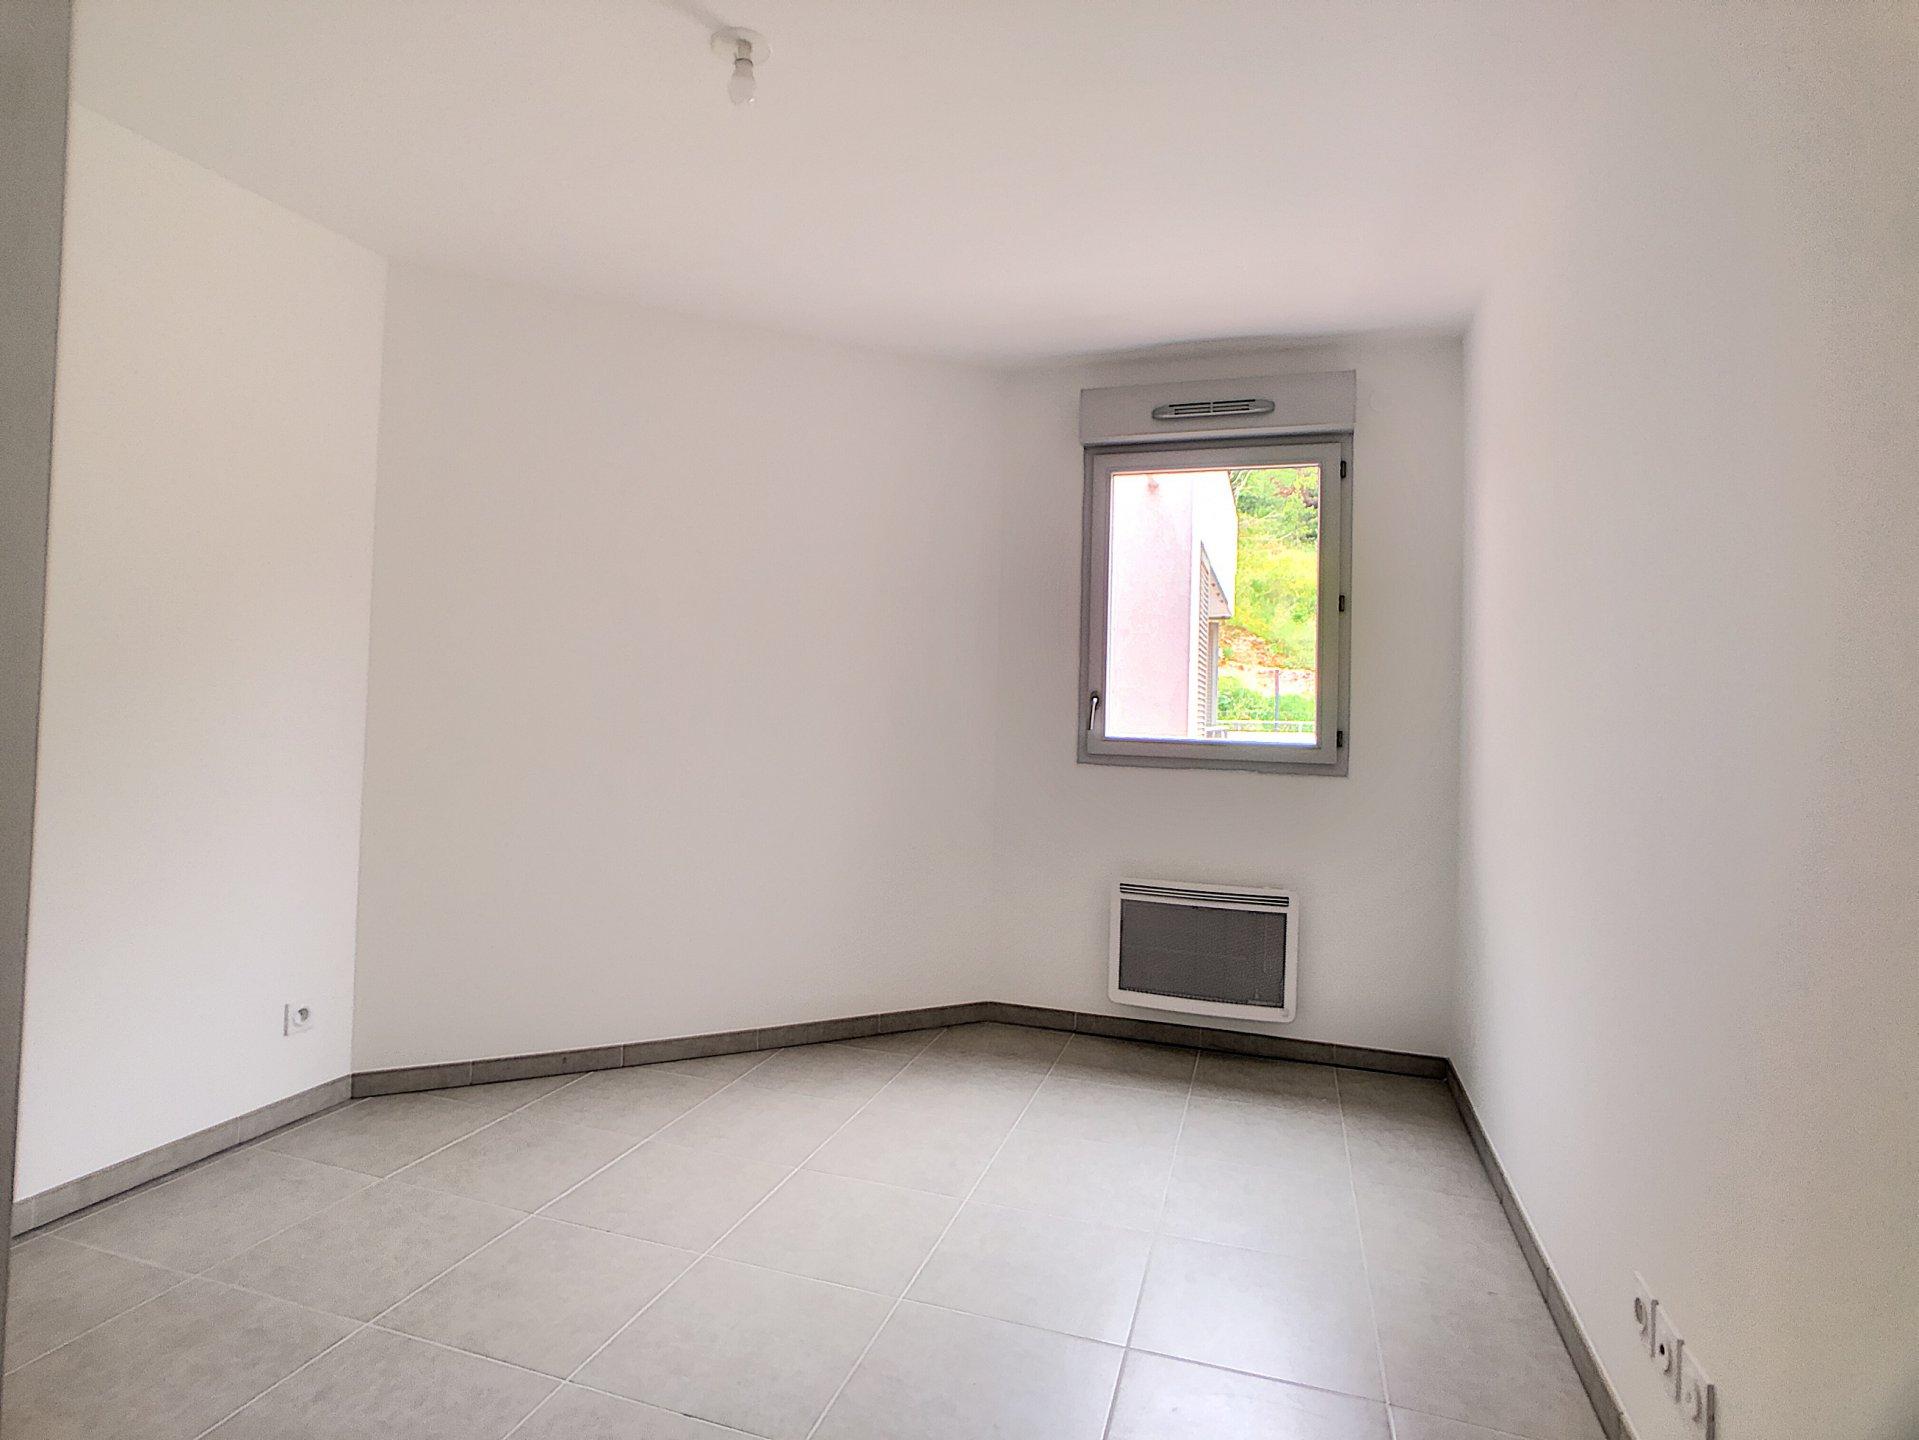 St Laurent du Var (06700) - Appartement  3 Pièces - 64M2 - calme